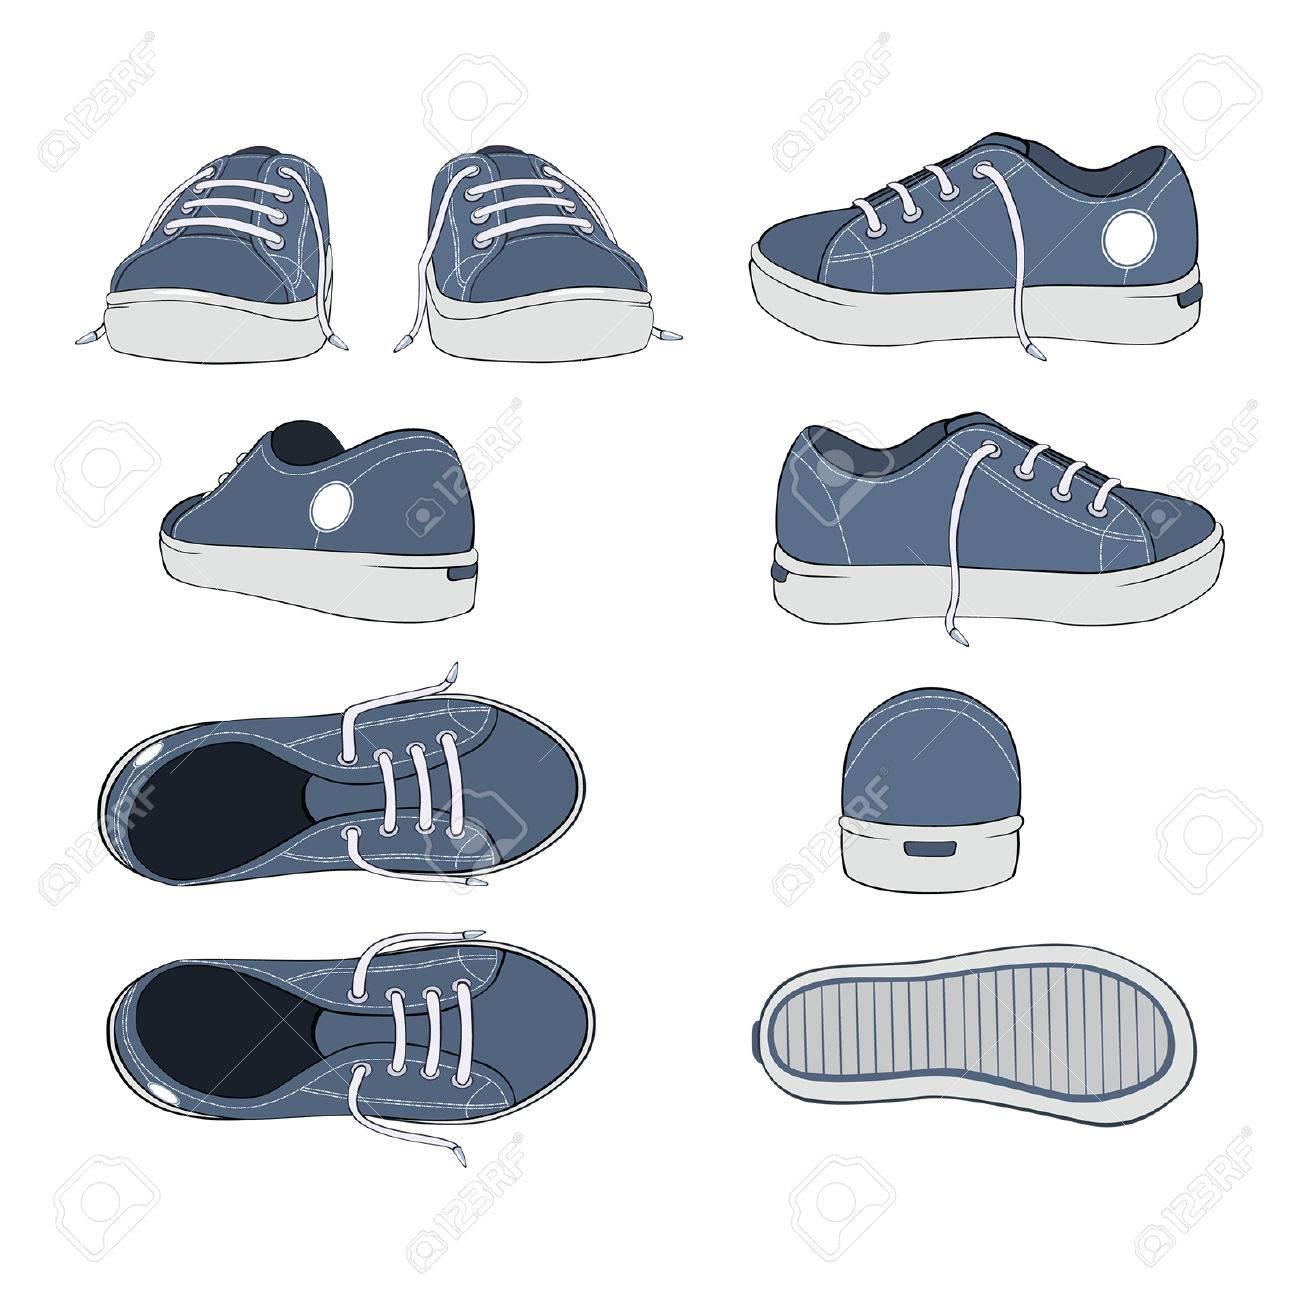 Completo Un Conjunto De Zapatillas Ilustración Deporte Deportivo Calzado b6f7gvYy